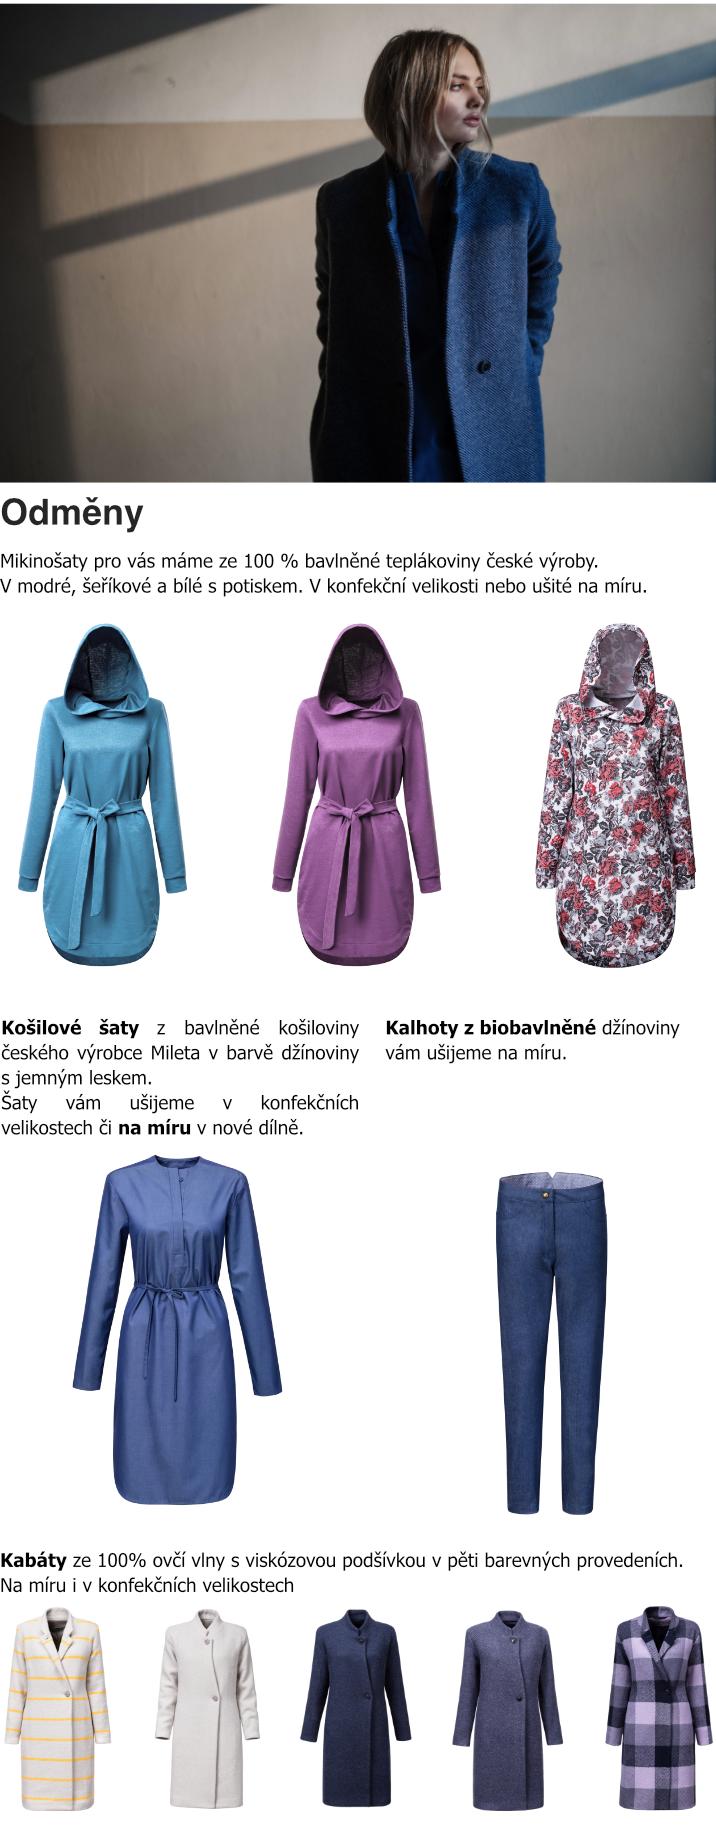 Odměny - kabáty, šaty, sukně